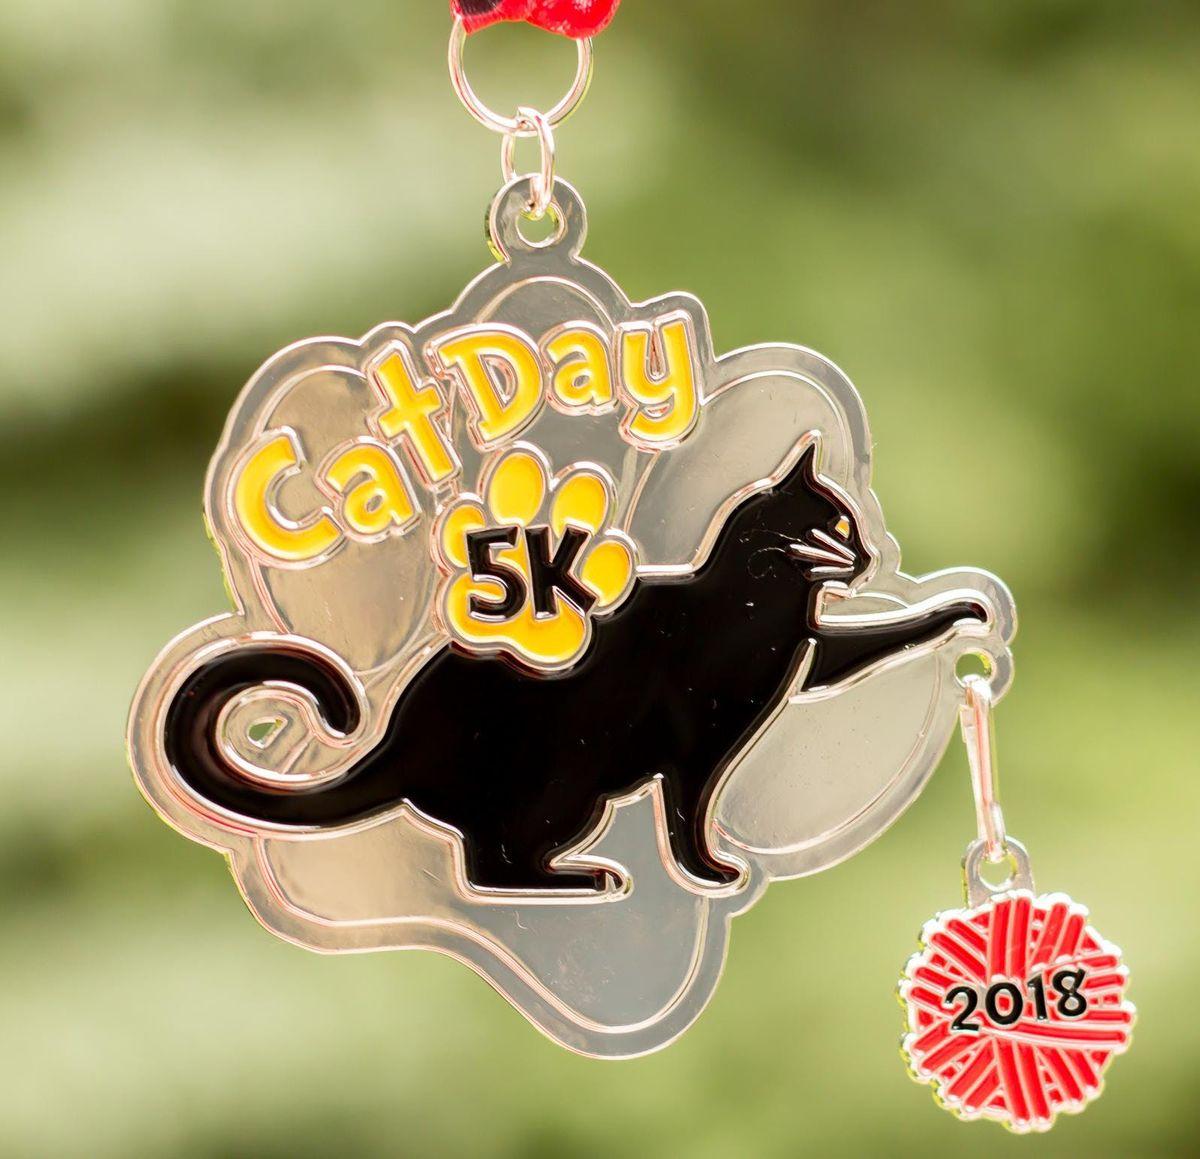 Now Only 10 Cat Day 5K & 10K - Cincinnati